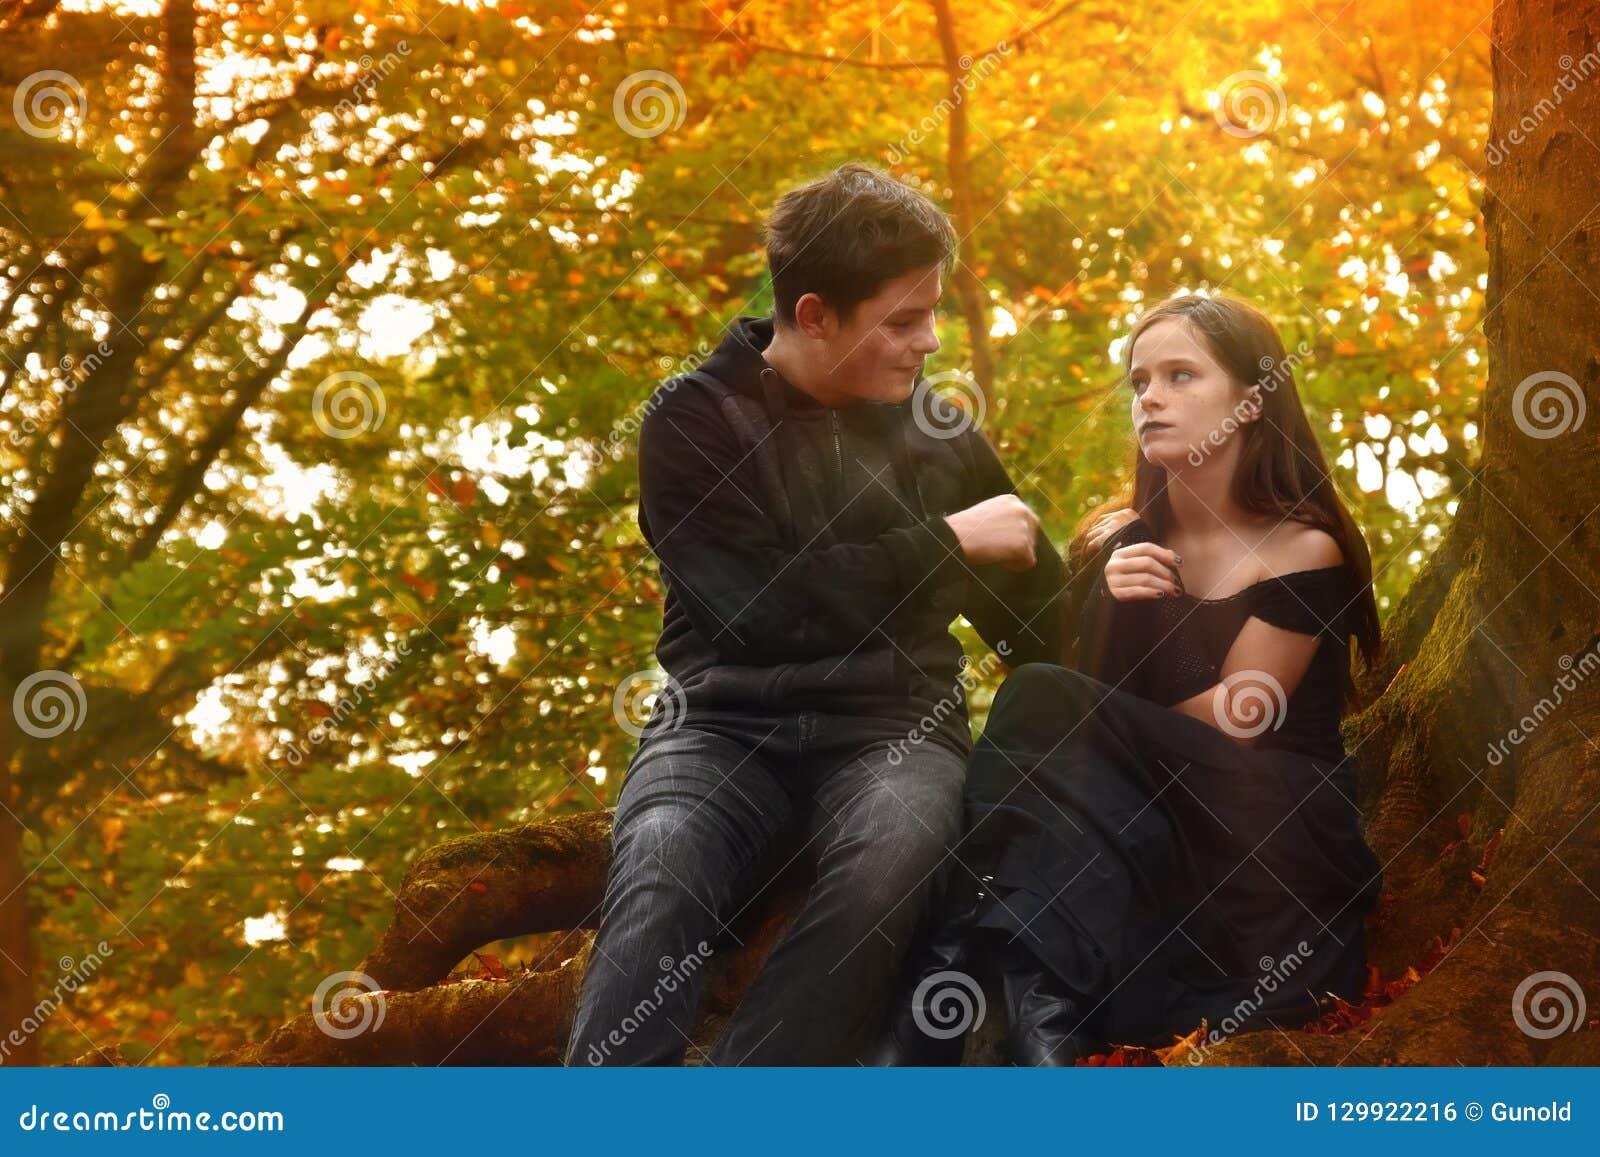 Los amigos disfrutan de un humor romántico en el bosque del otoño